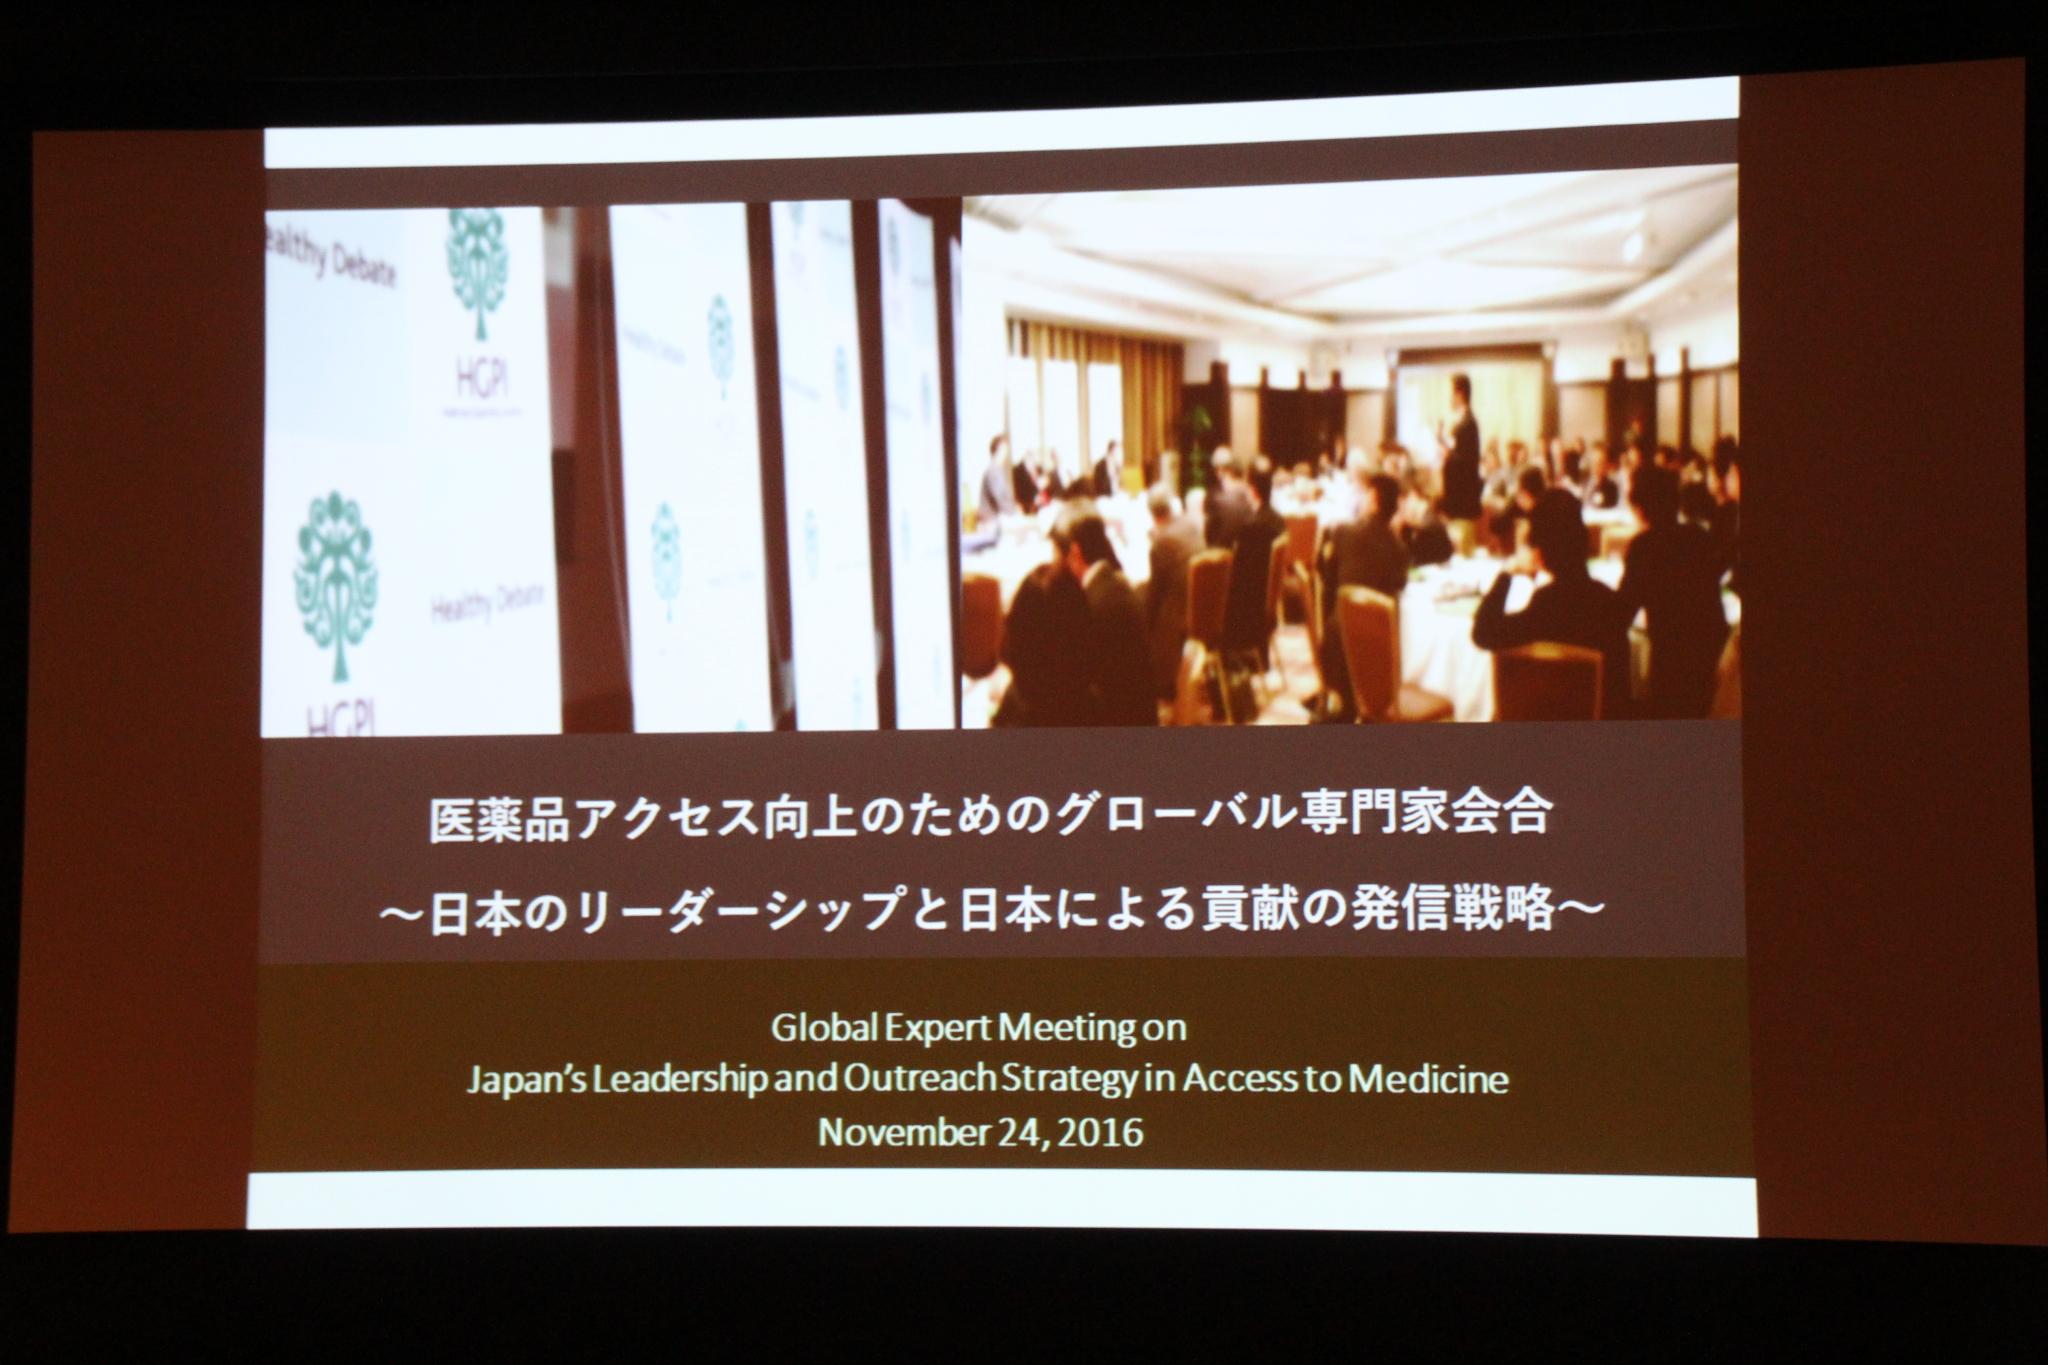 (開催報告) 医薬品アクセス向上のためのグローバル専門家会合 「日本のリーダーシップと日本による貢献の発信戦略」(2016年11月24日)